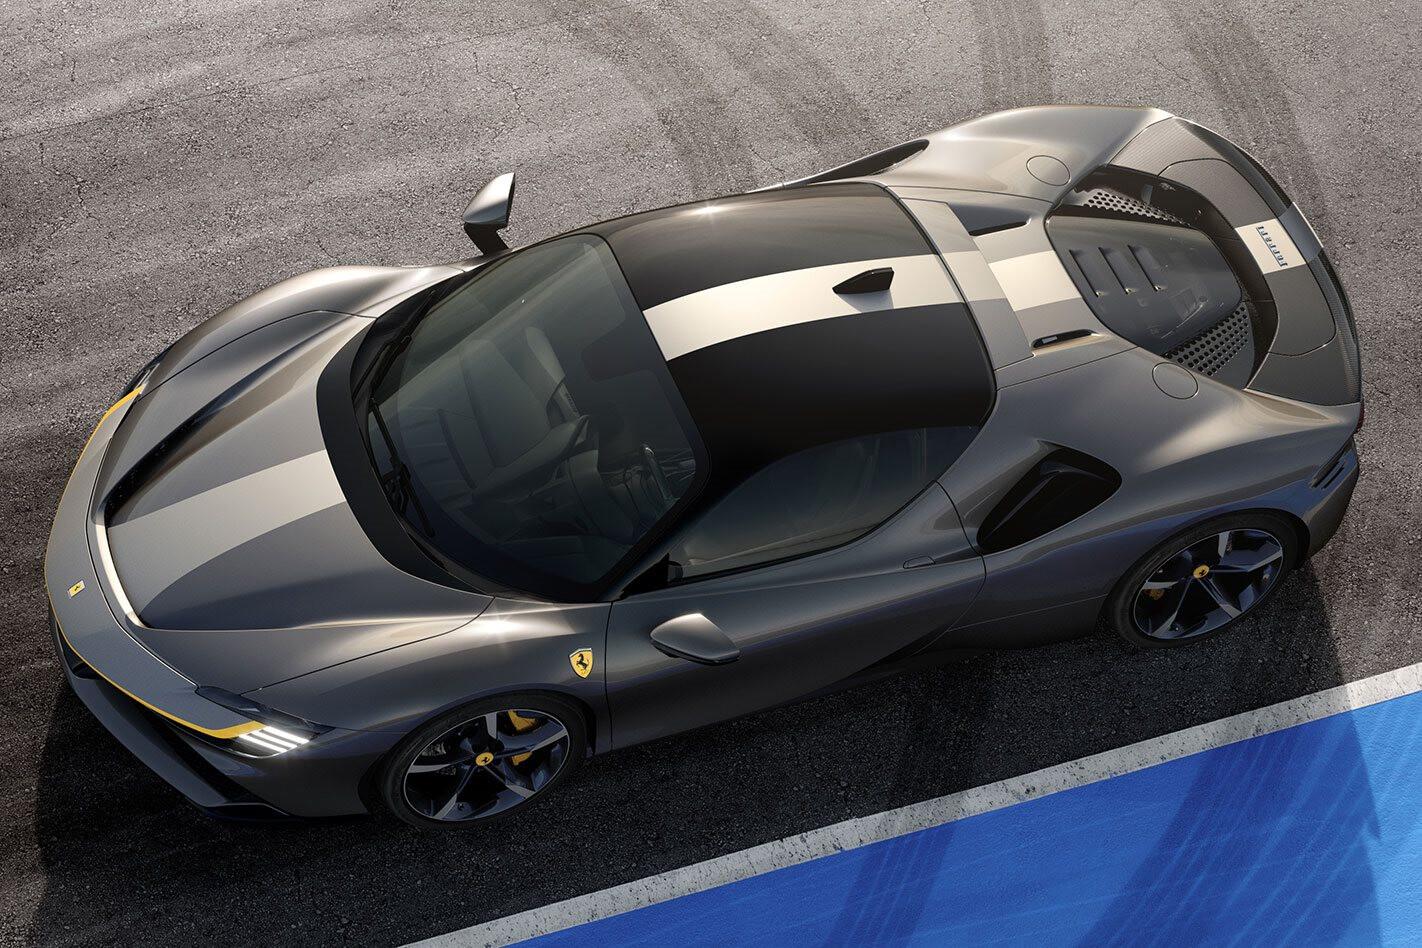 Ferrari SF90 hybrid e-motor